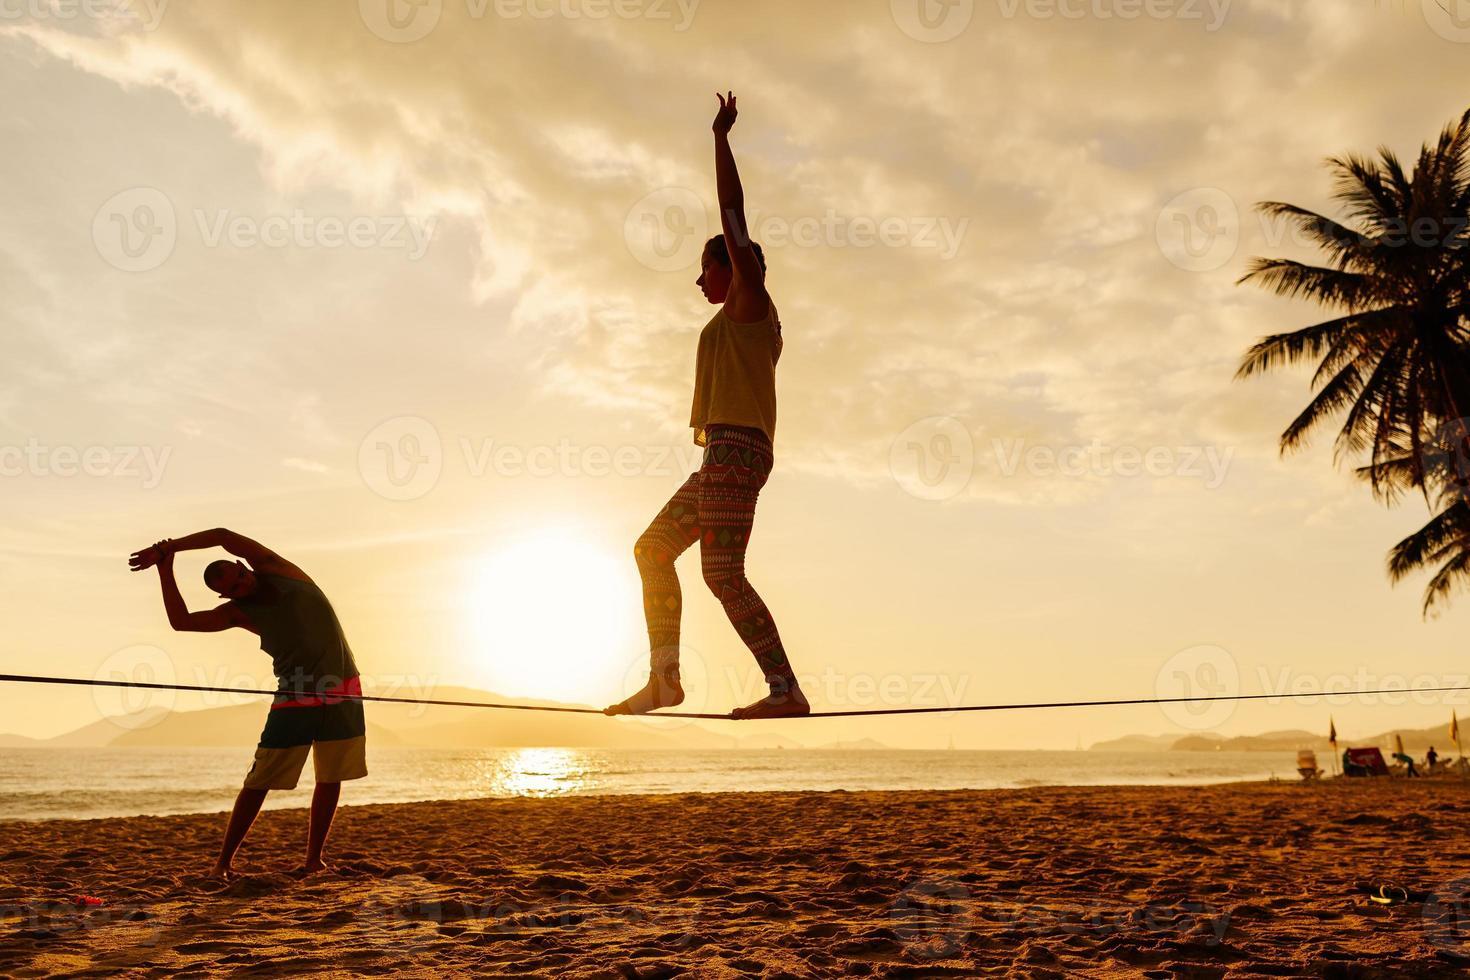 tonåringar balanserar på slackline silhuetten foto